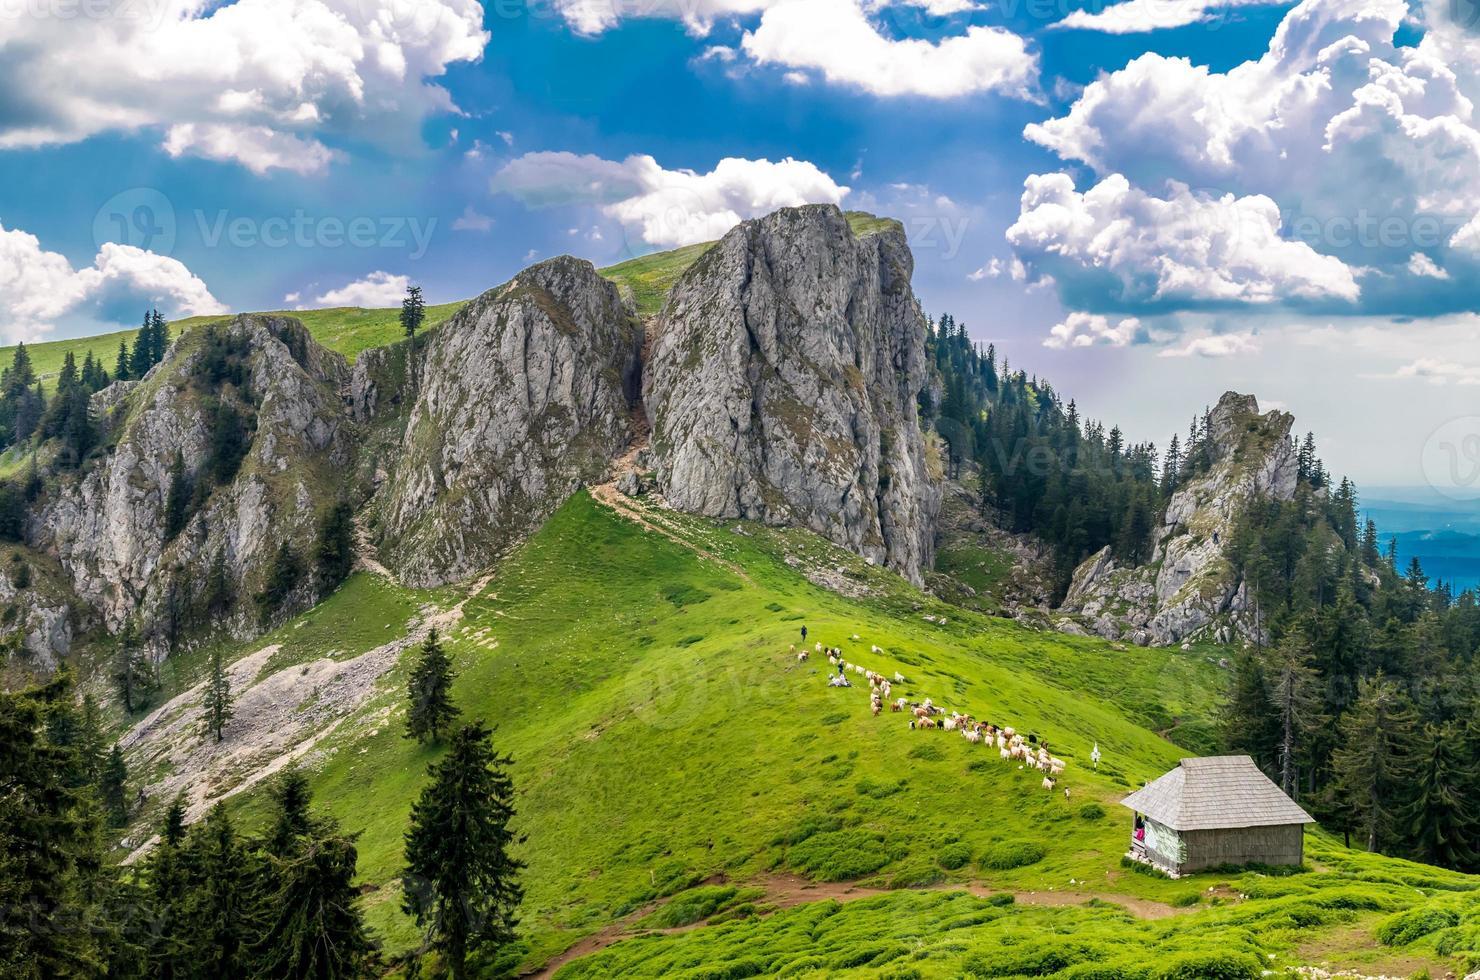 berglandschap met schaapskooi in de Karpaten, Roemenië foto